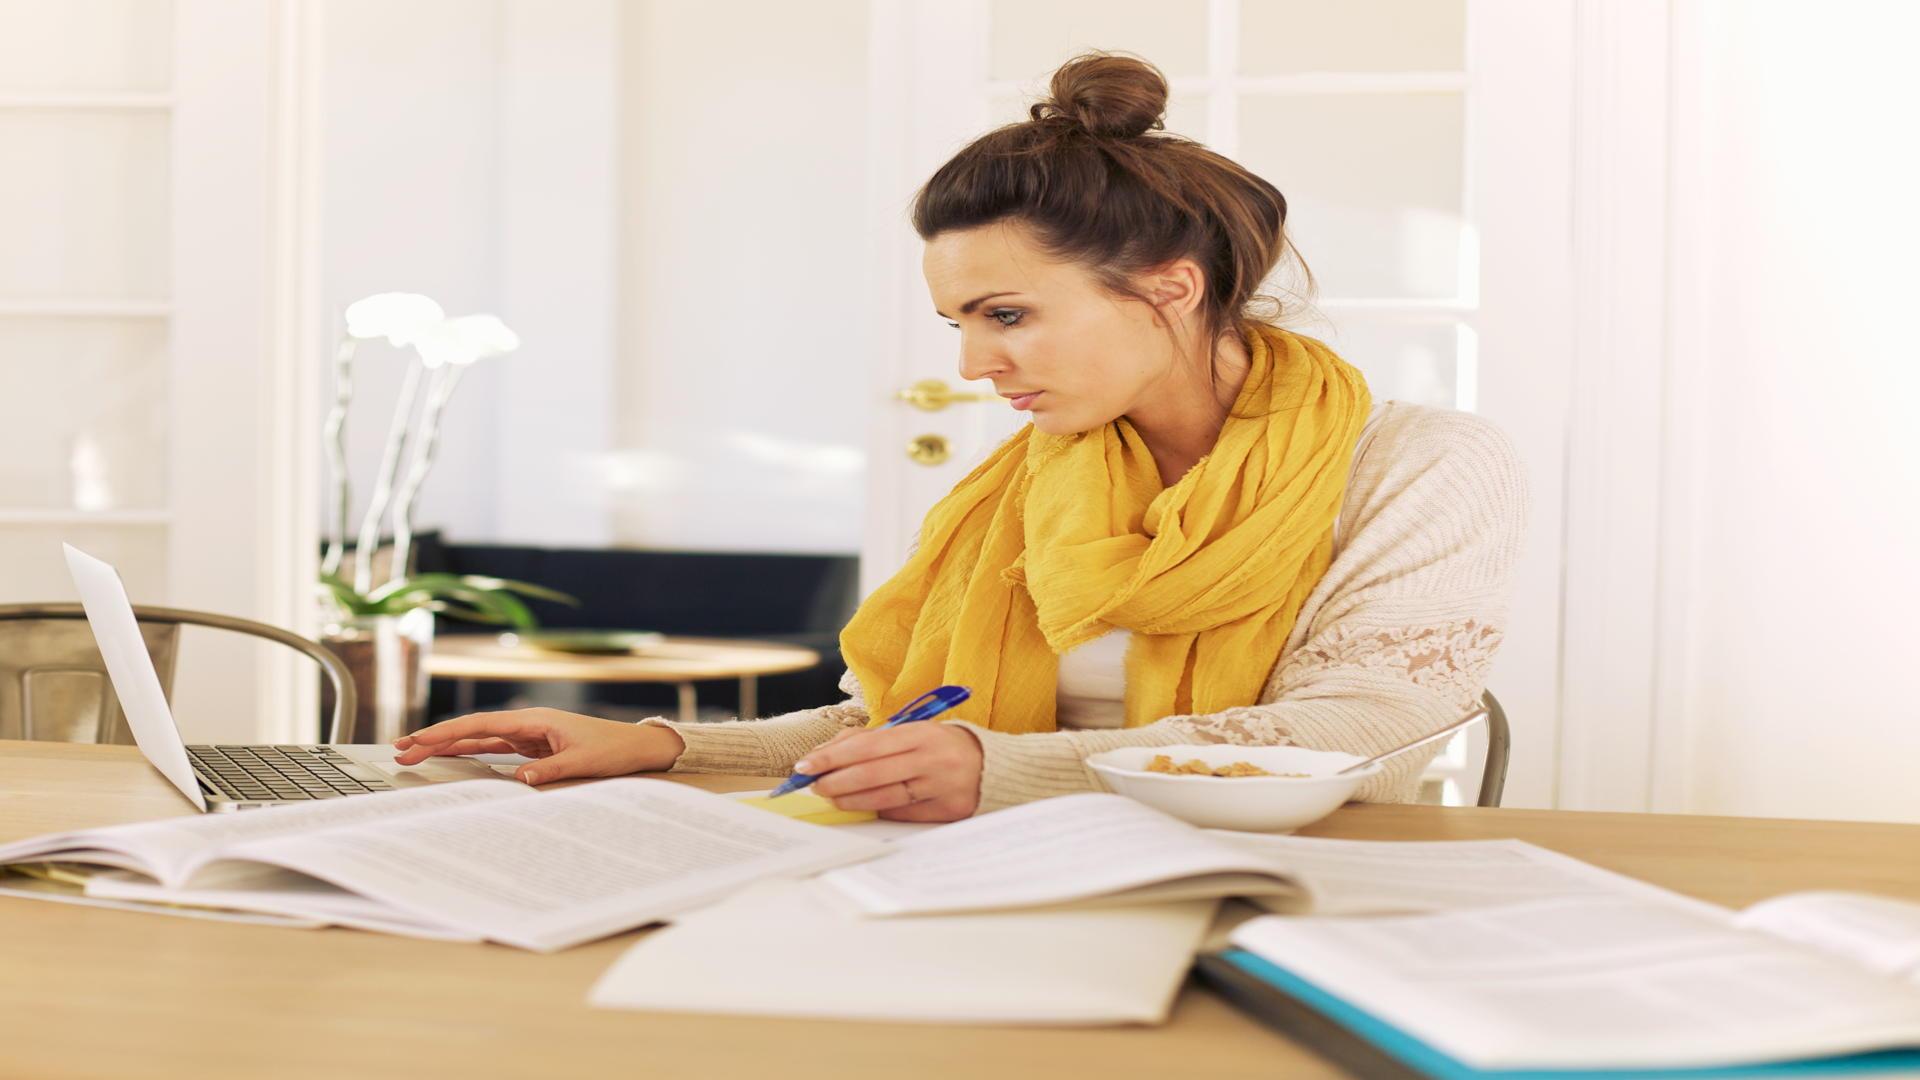 איך כותבים סיכום לעבודה אקדמית